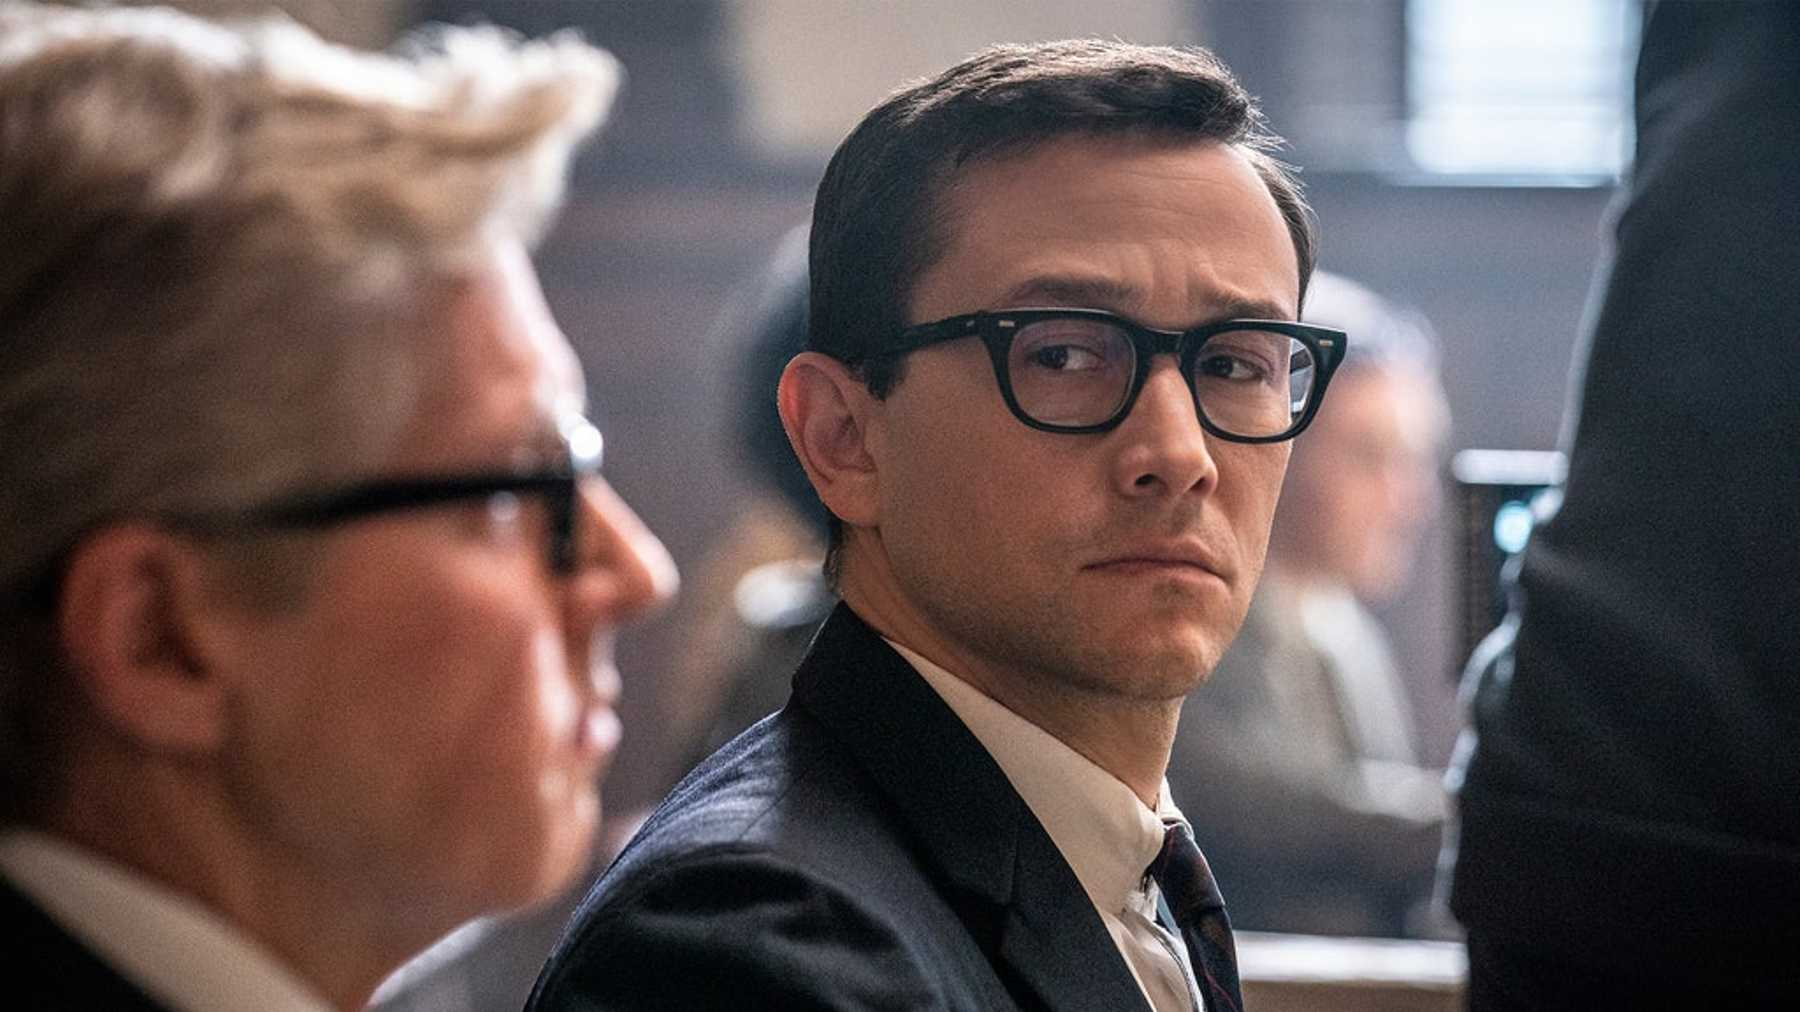 Záber z filmu The Trial of the Chicago 7